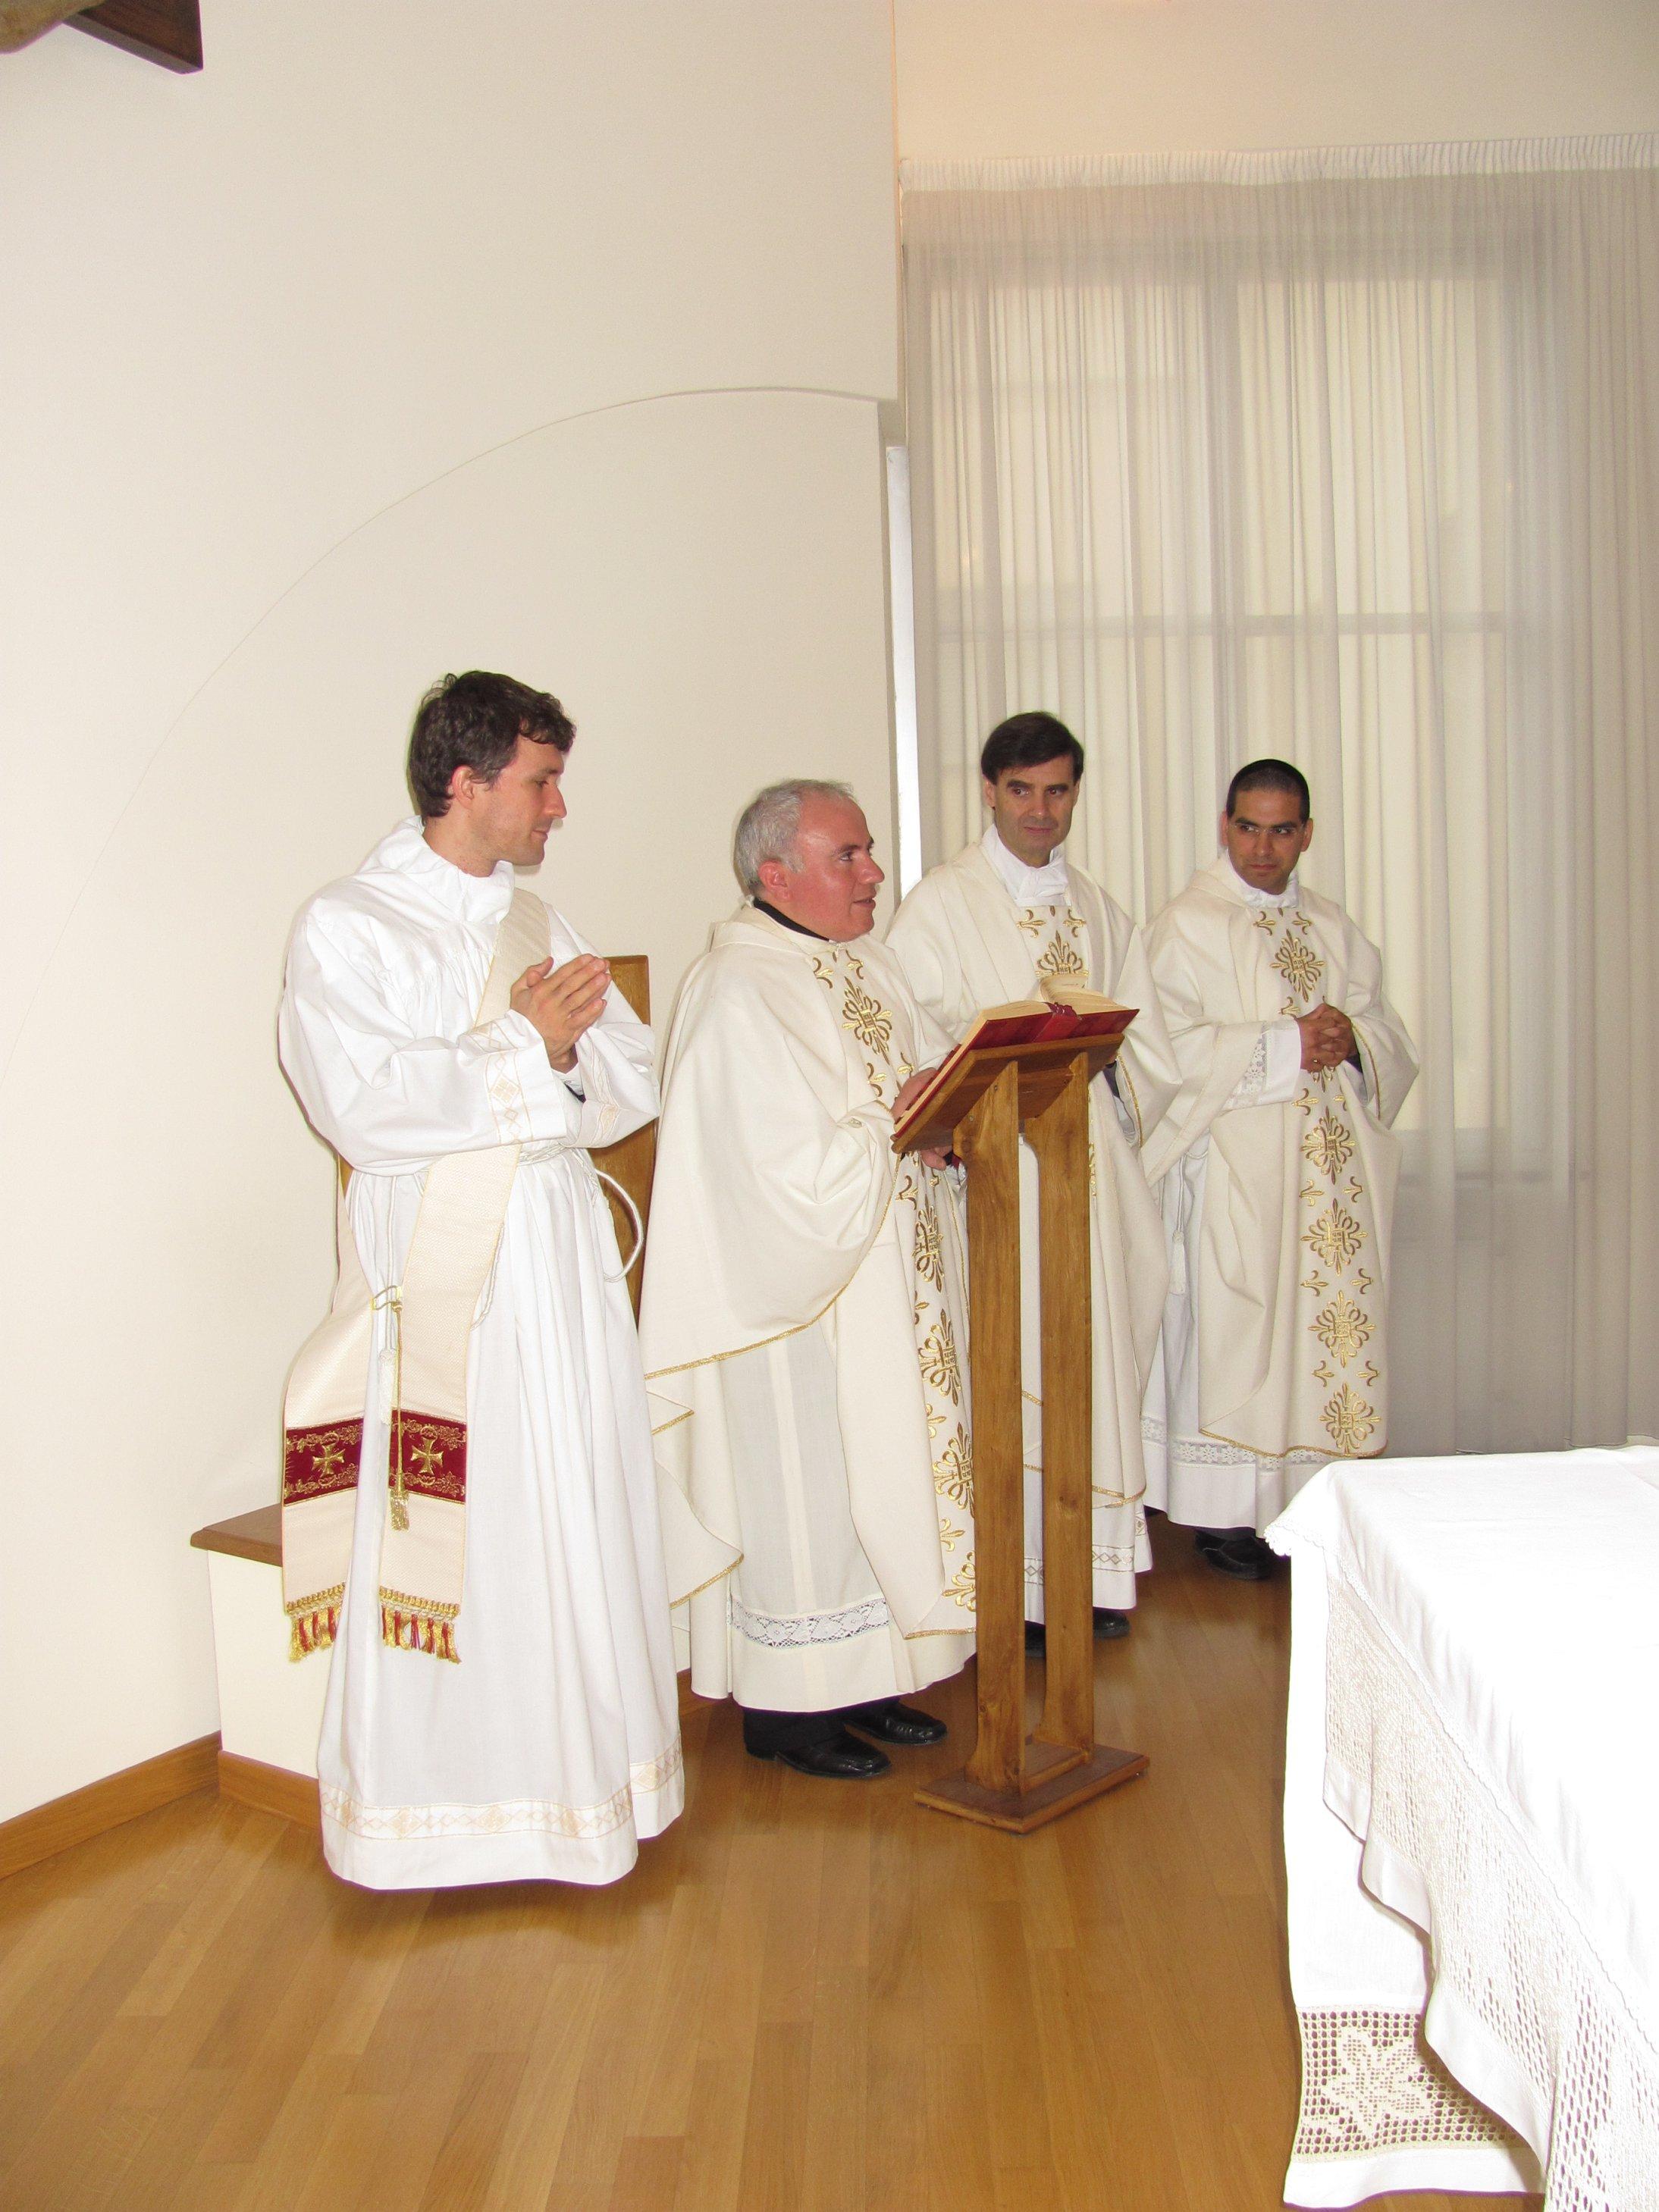 compagni_preti_20_anni_in_seminario_2012-06-09-07-13-53